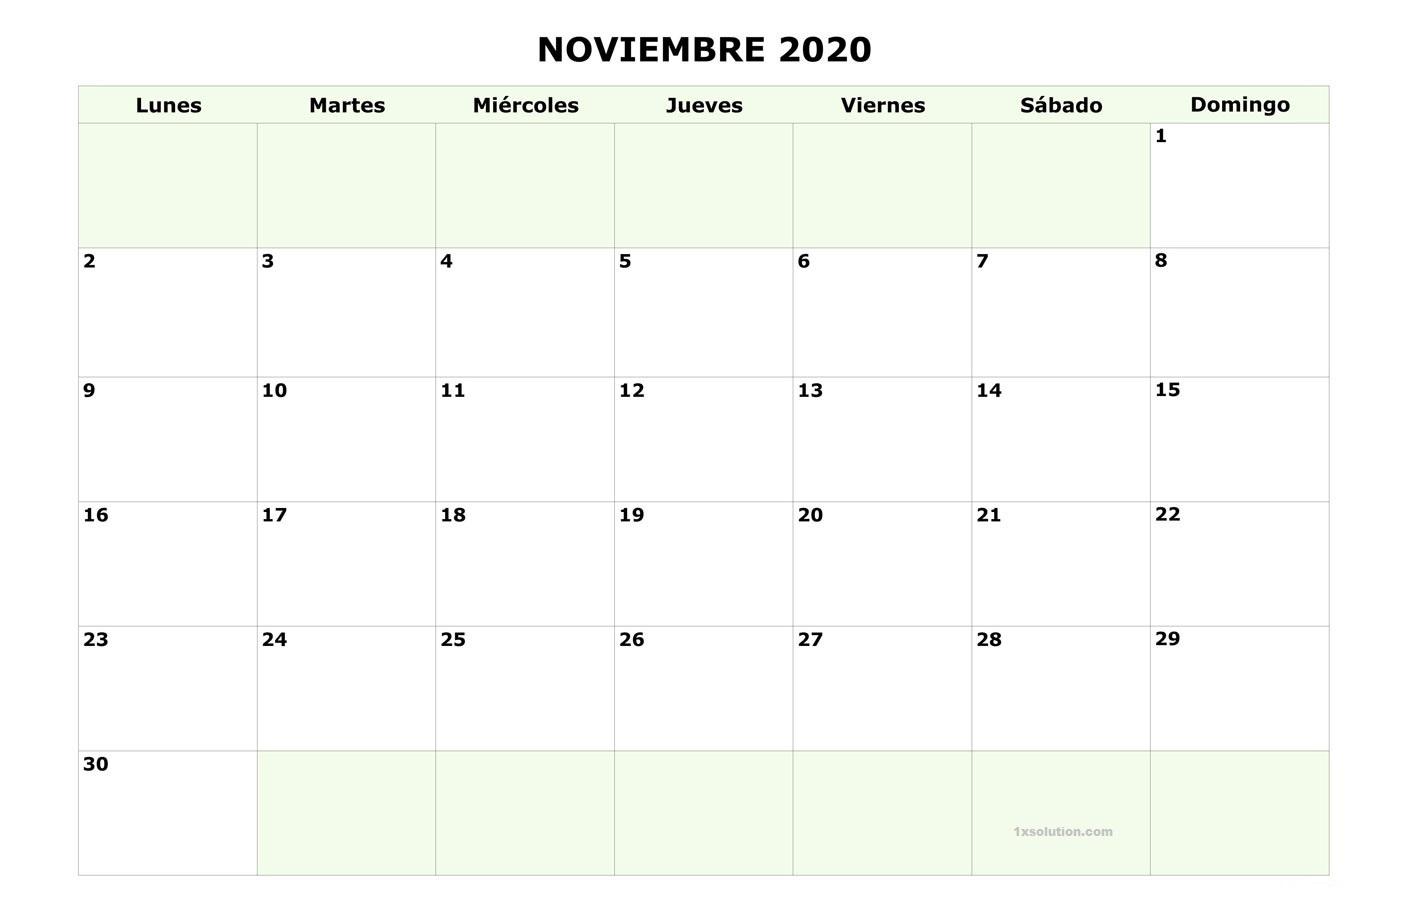 Gratis Calendario Noviembre 2020 Argentina